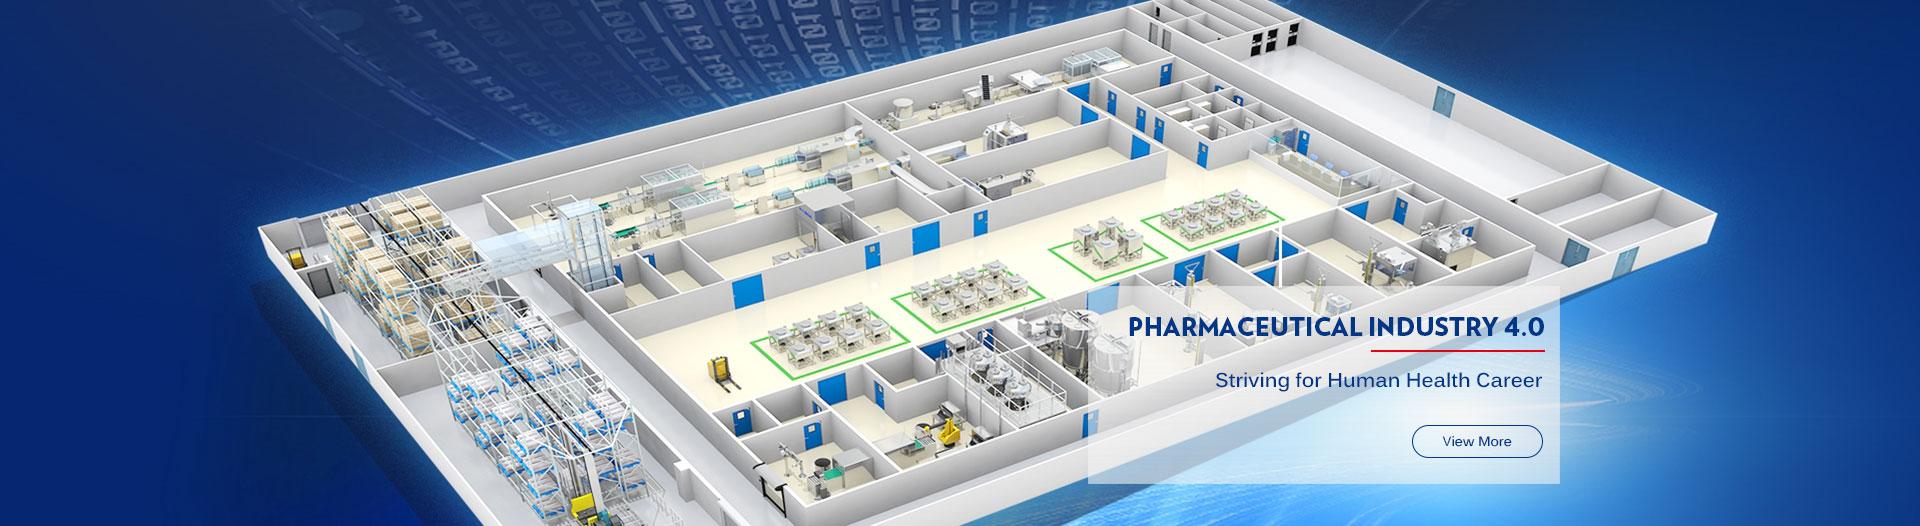 التركيز على القيمة الصناعية، والرعاية لصحة الإنسان